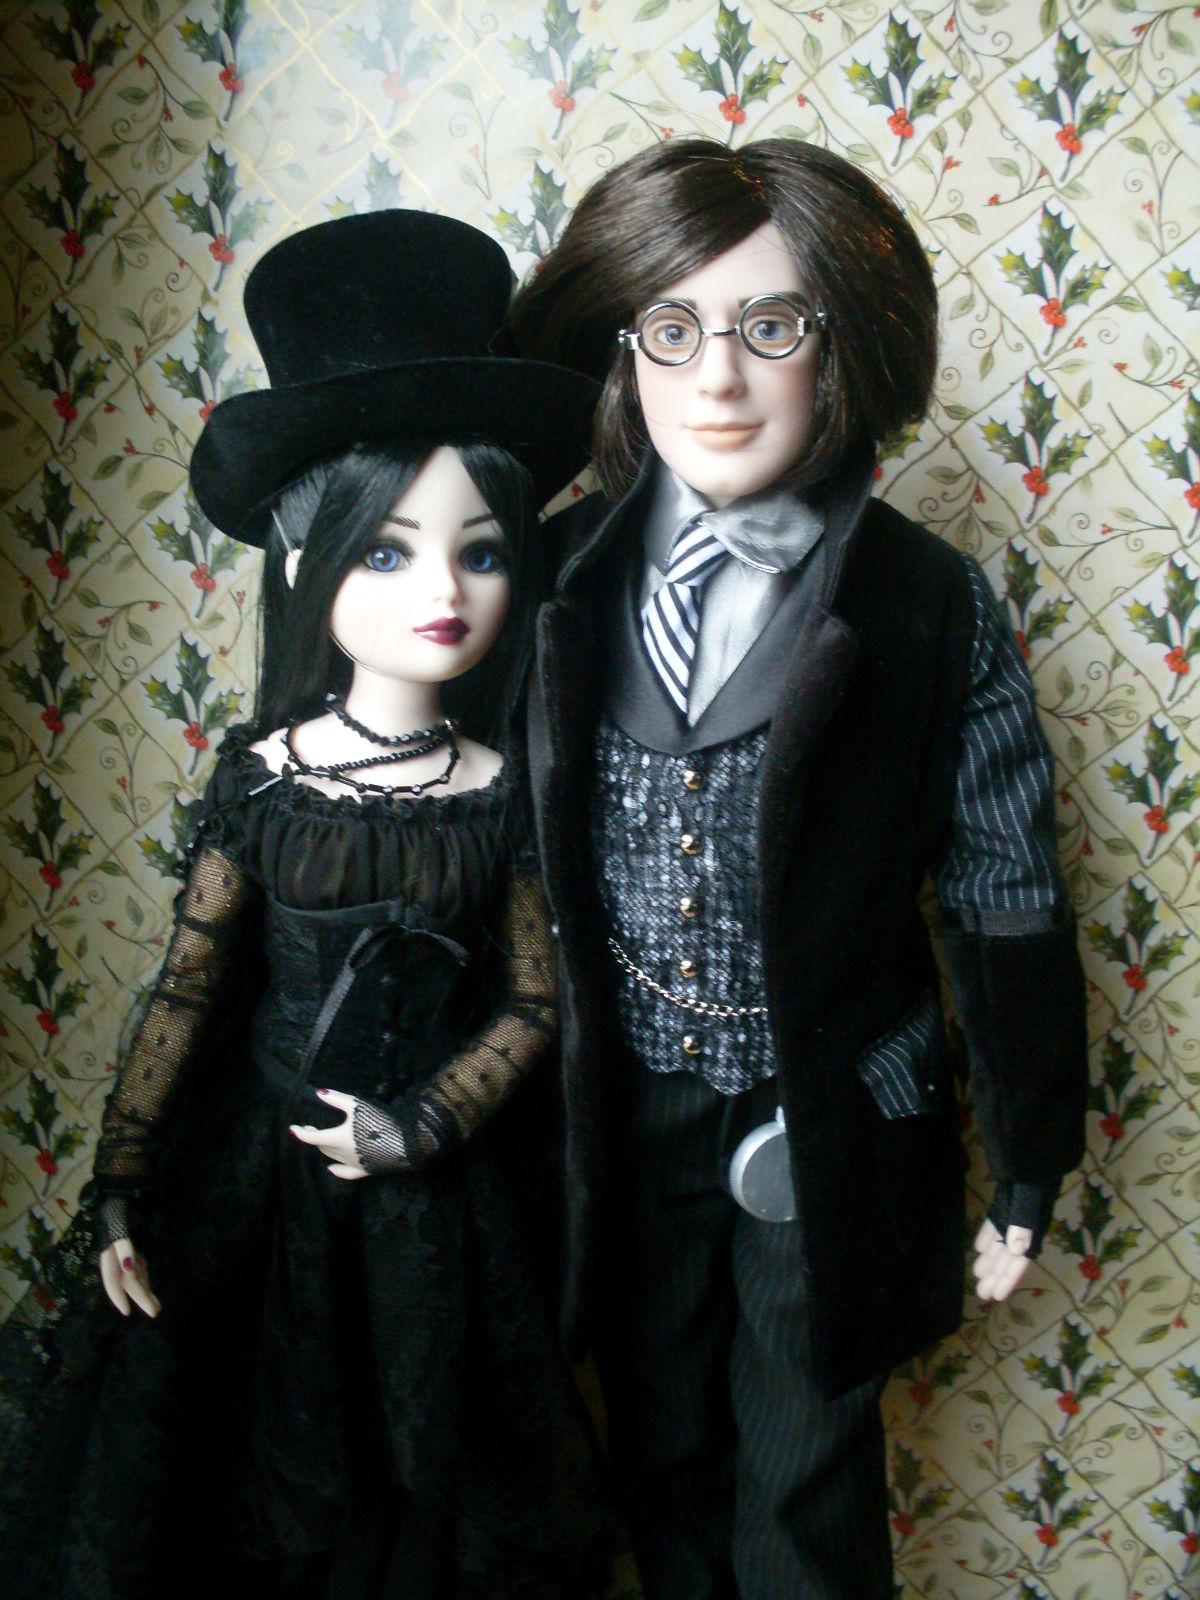 THE couple .... - Page 2 2011-01%20les%20Amants%2009